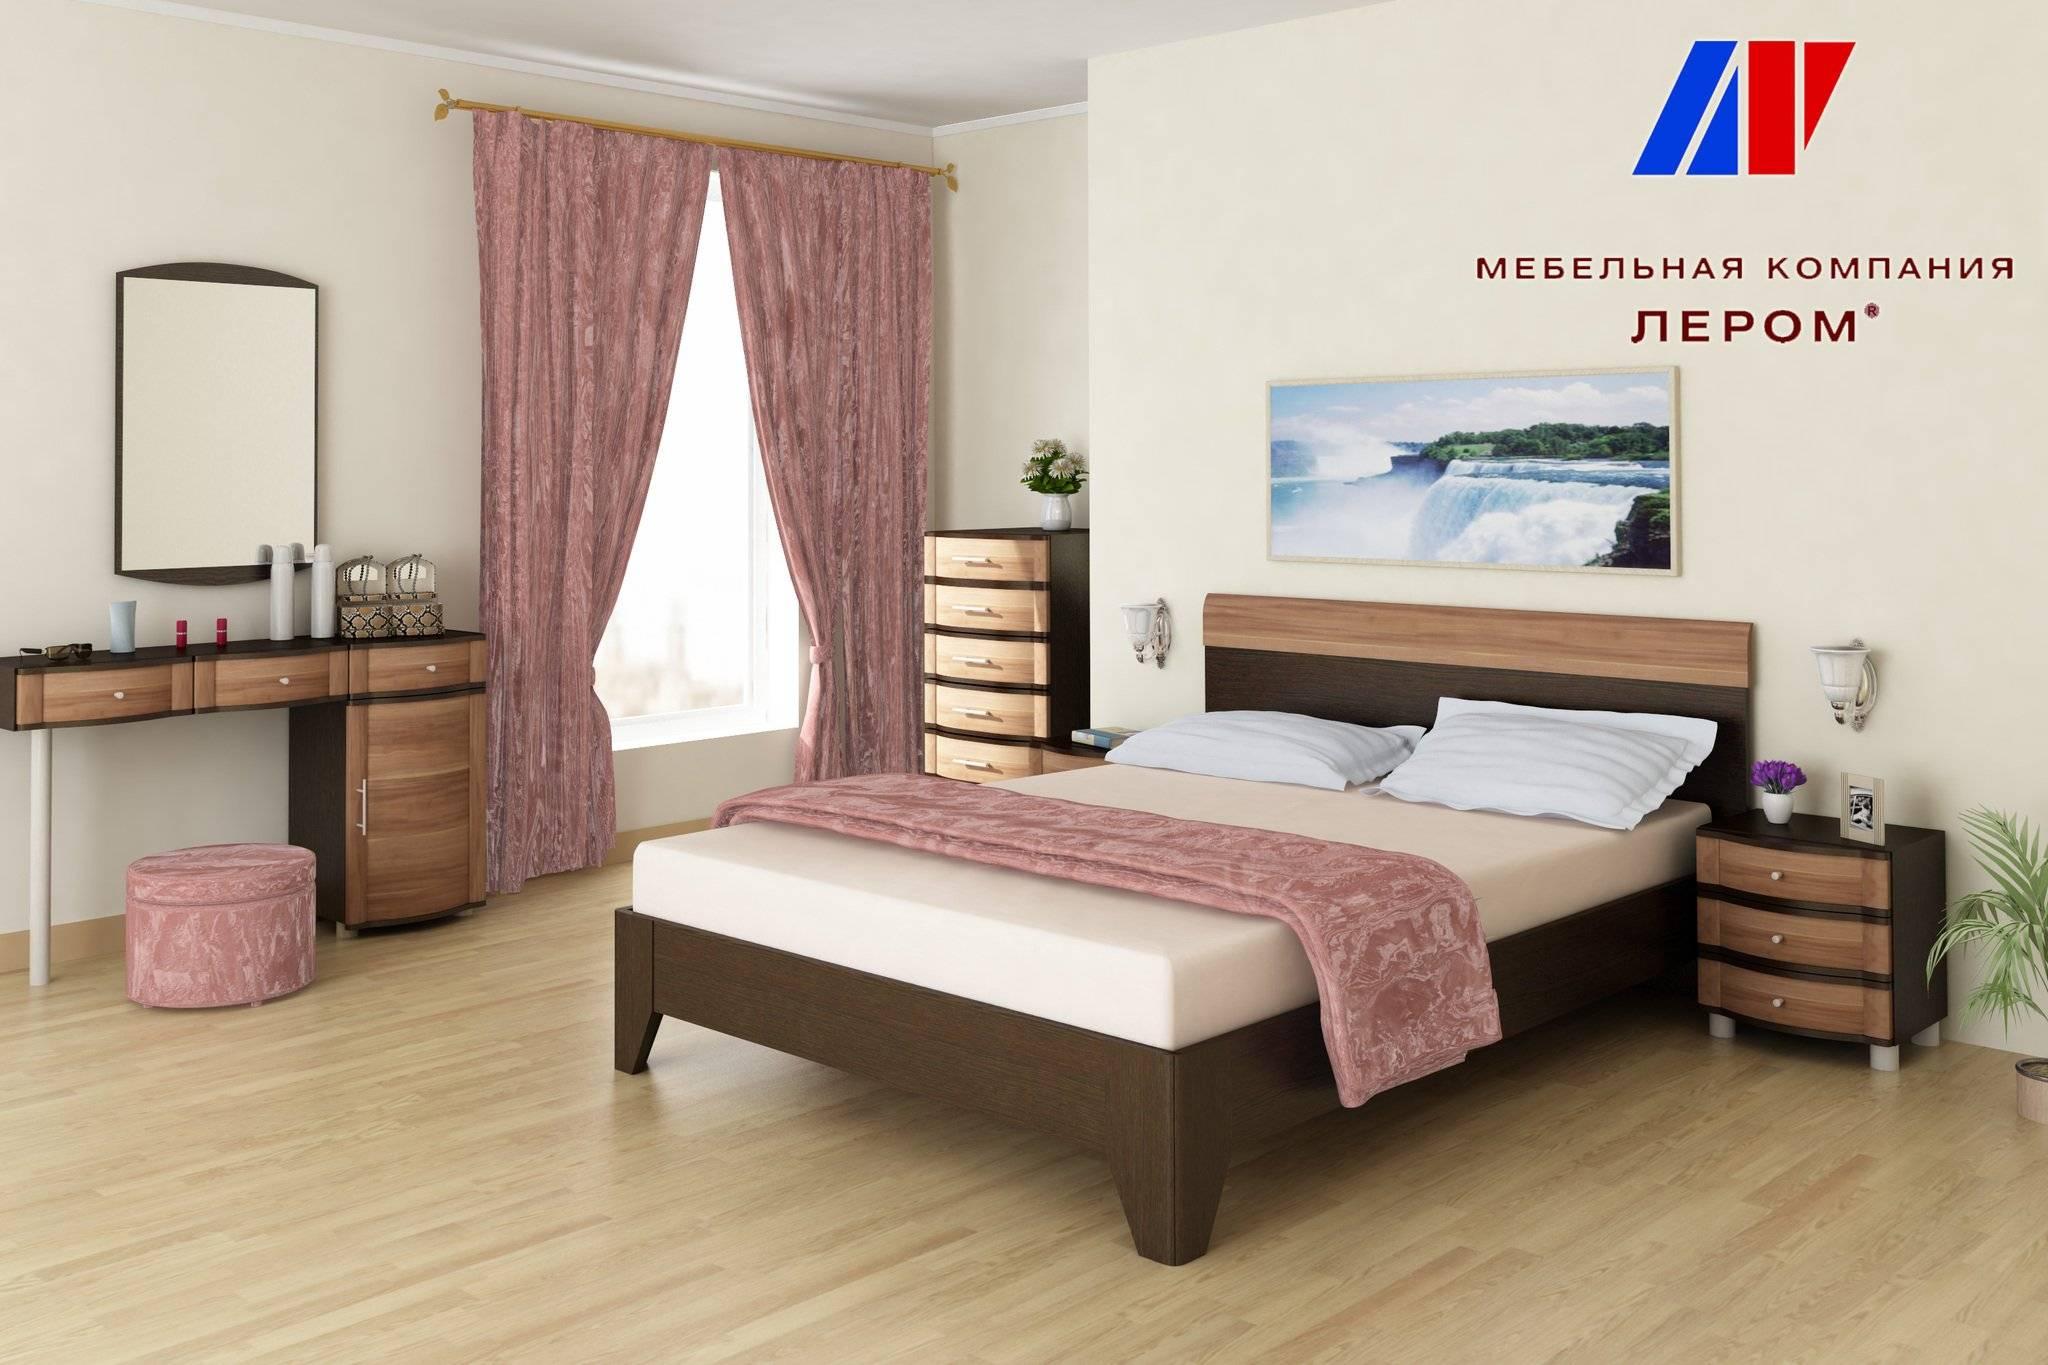 Мебель лером в москве. официальный интернет-магазин фабрики лером по москве и московской области.